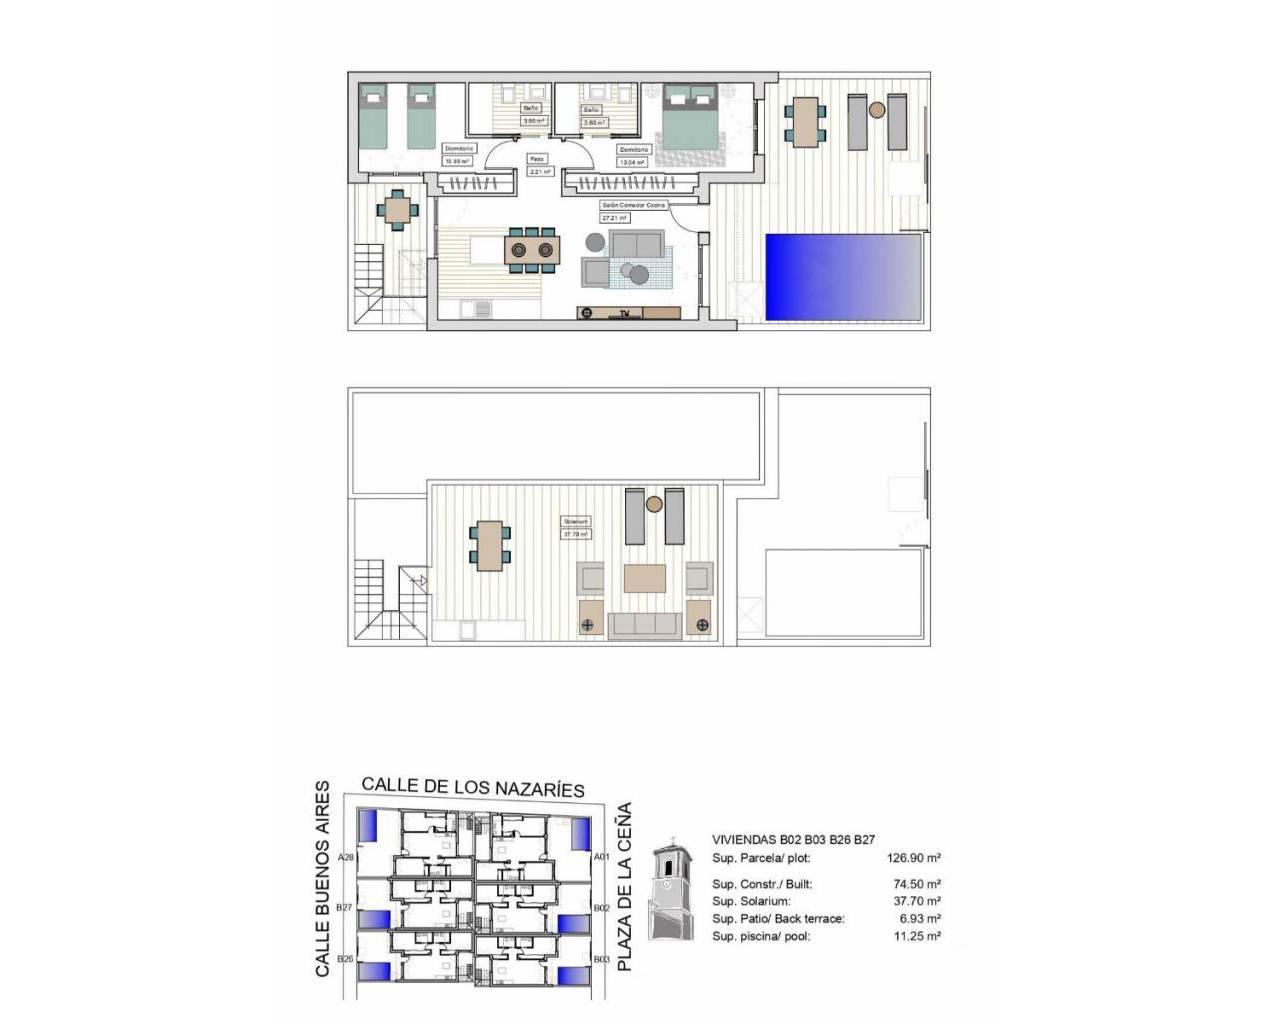 nieuwbouw-geschakelde-woning-duplex-torre-pacheco-dolores_5566_xl